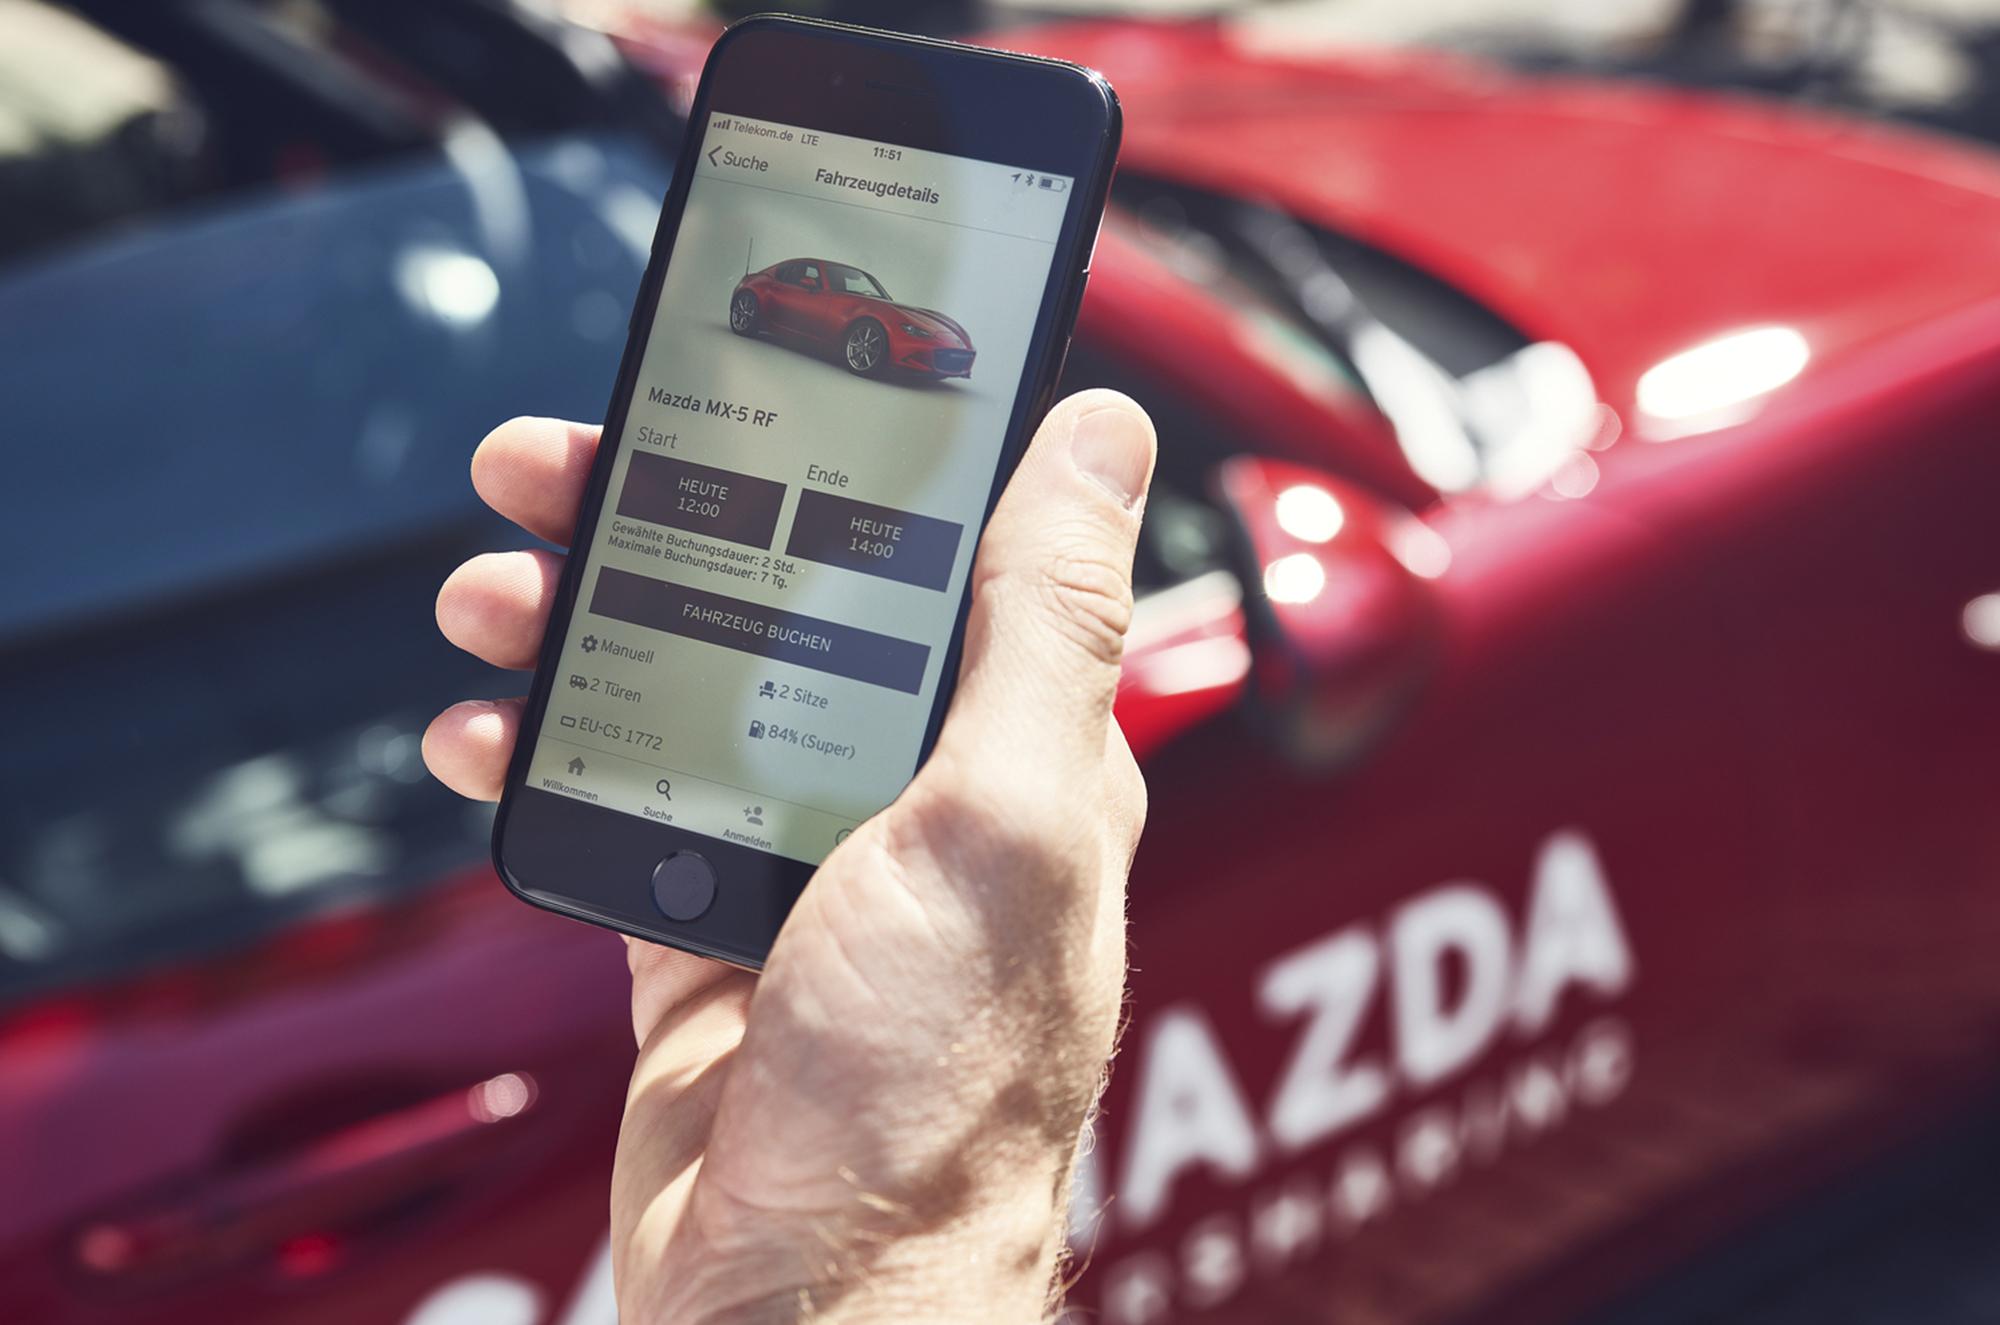 Mazda Carsharing